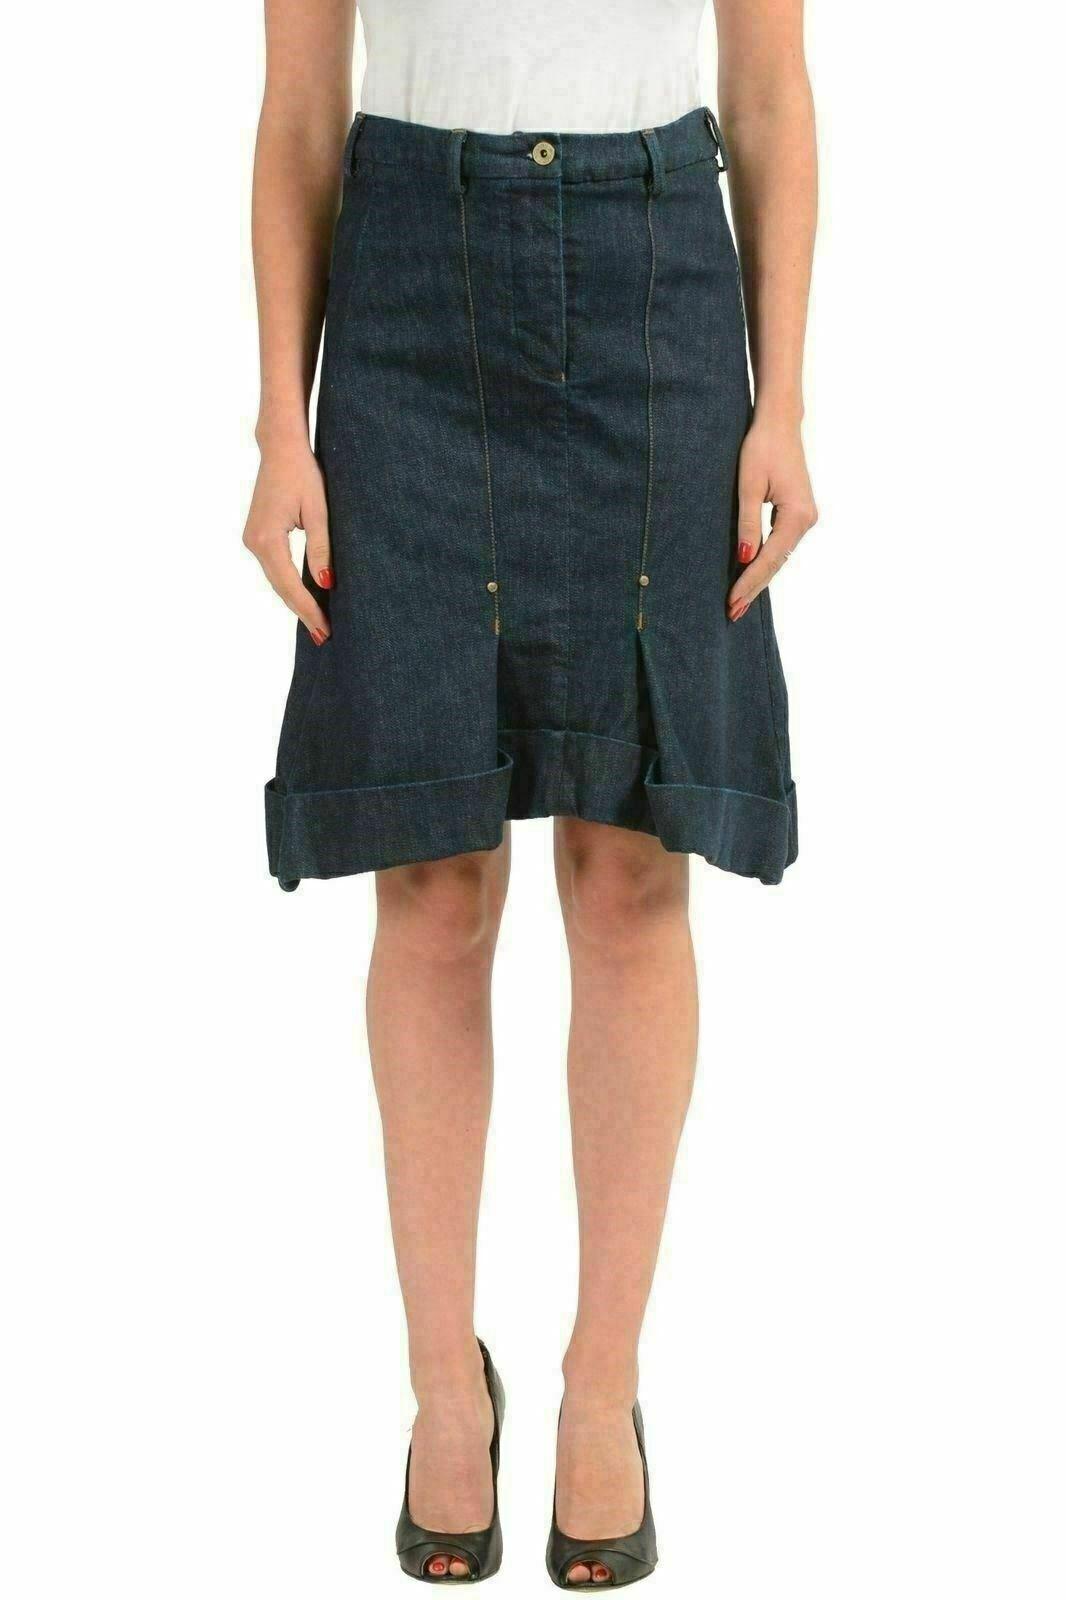 Gianfranco Ferre GF Women's bluee Denim A-Line Skirt US 26 IT 40